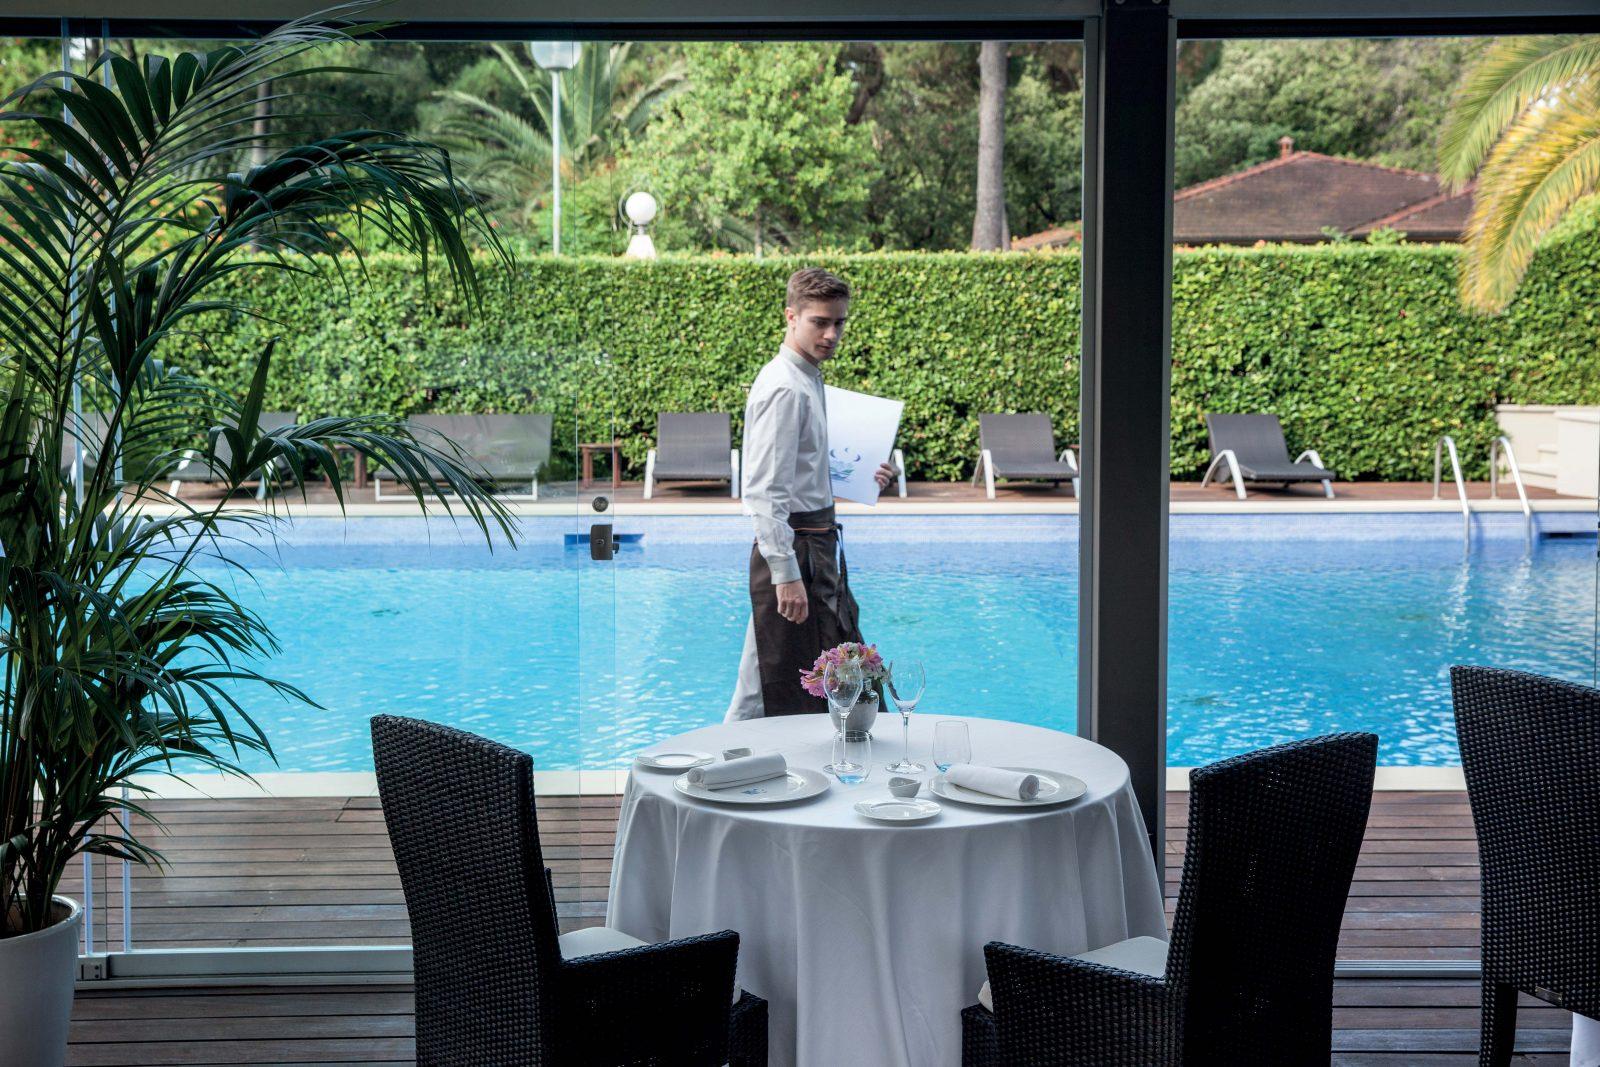 Hotel ristorante forte dei marmi - Il giardino forte dei marmi ...